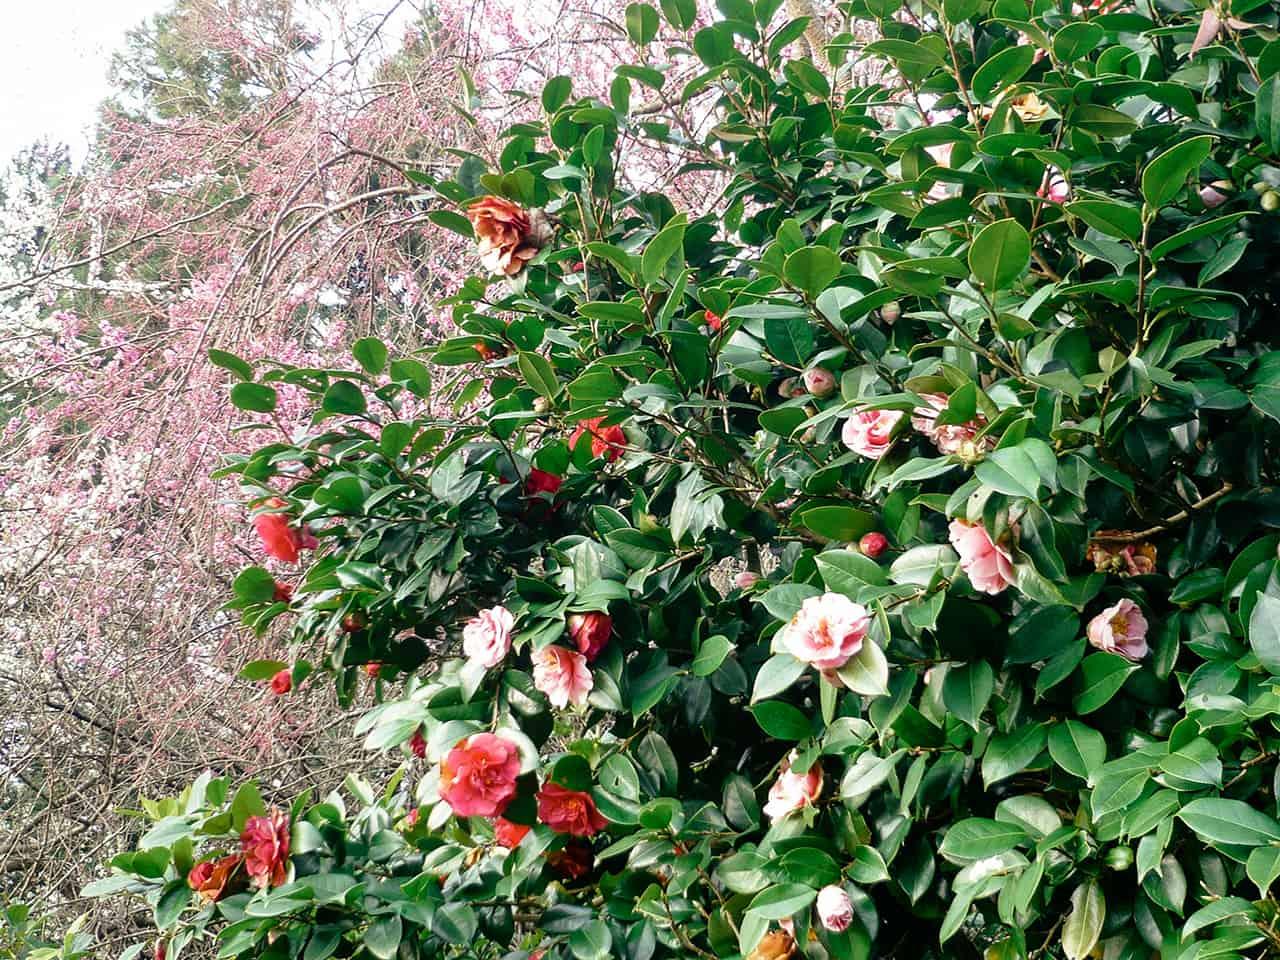 """ดอกไม้สวยๆ ที่เจ้าของฟาร์มสเตย์ Guest House """" YOSHI"""" ปลูก"""